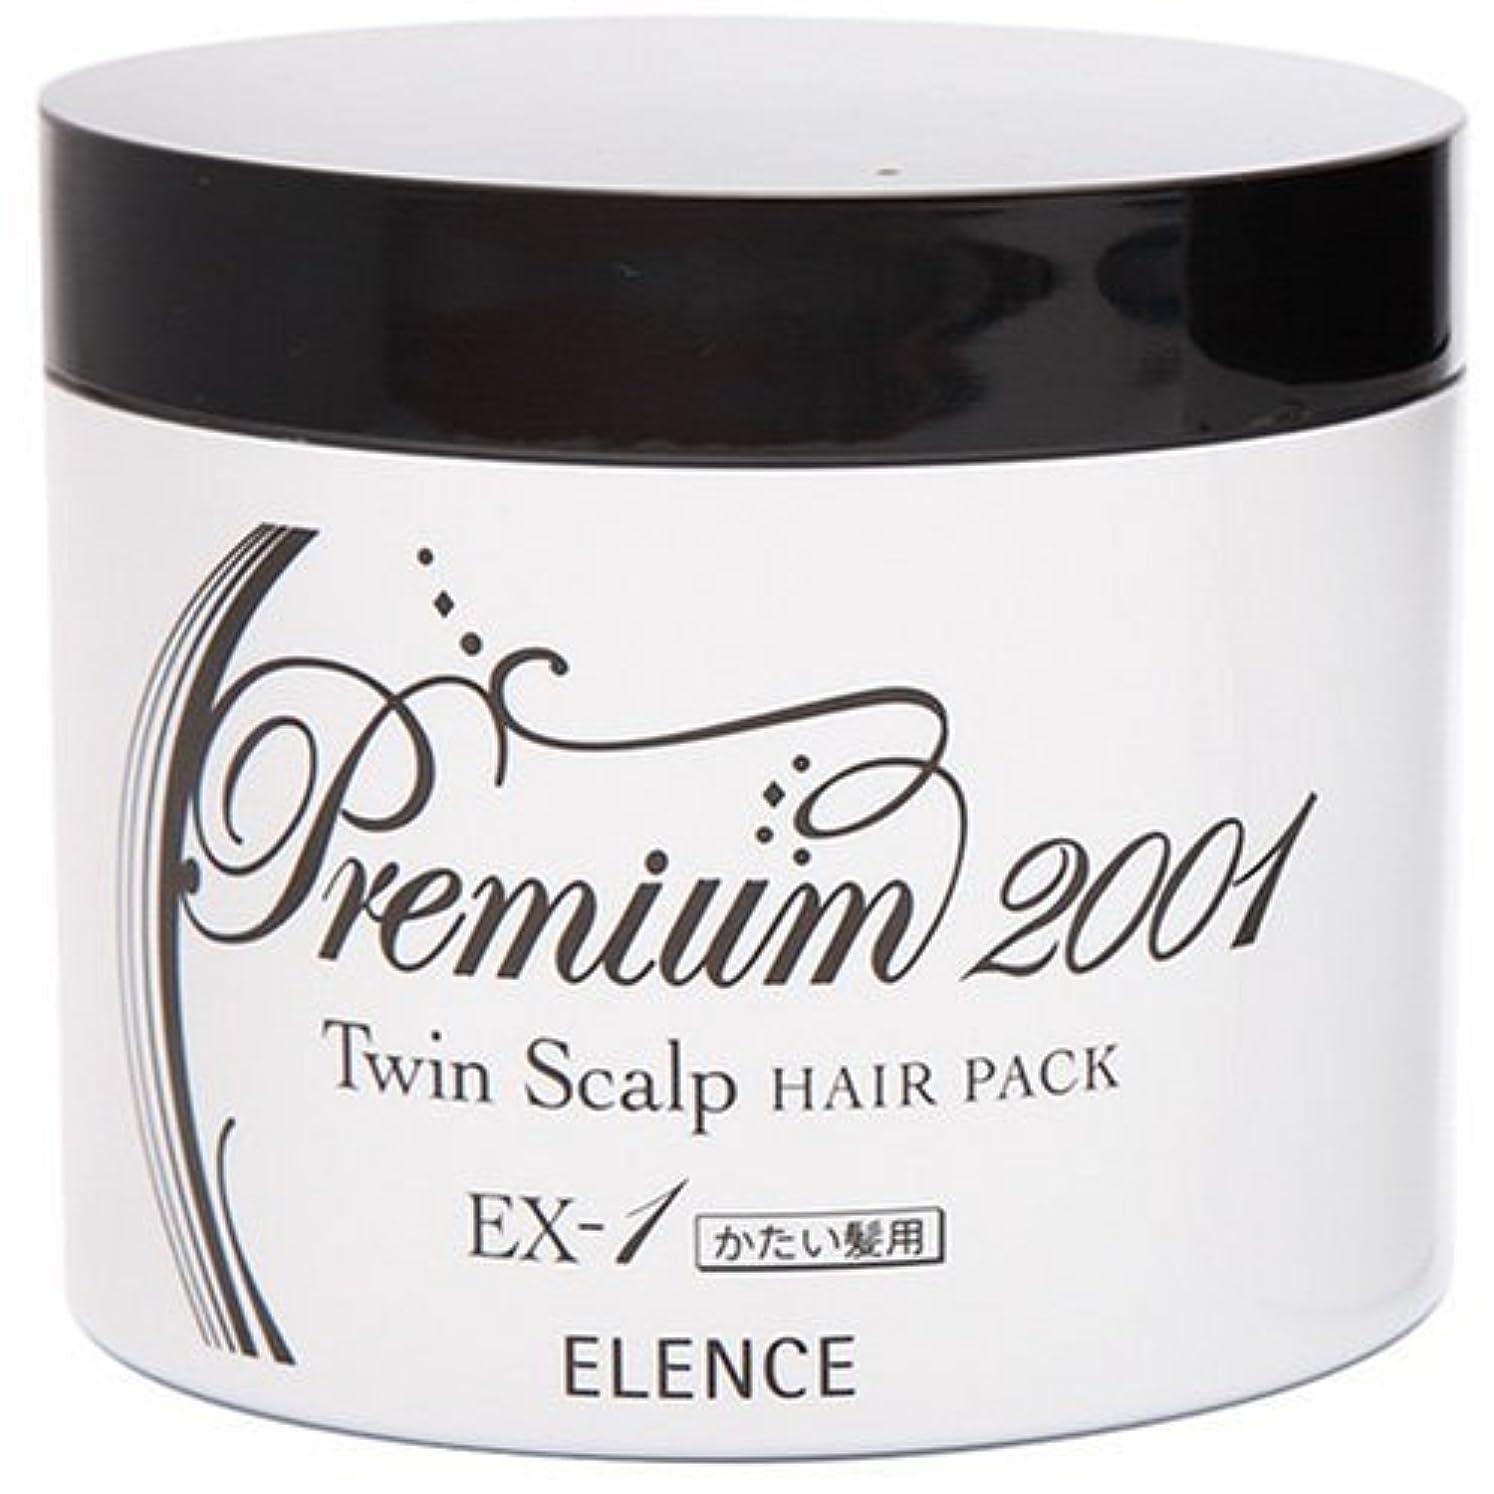 懲らしめ敏感な睡眠エレンス2001 ツインスキャルプヘアパックEX-1(かたい髪用)